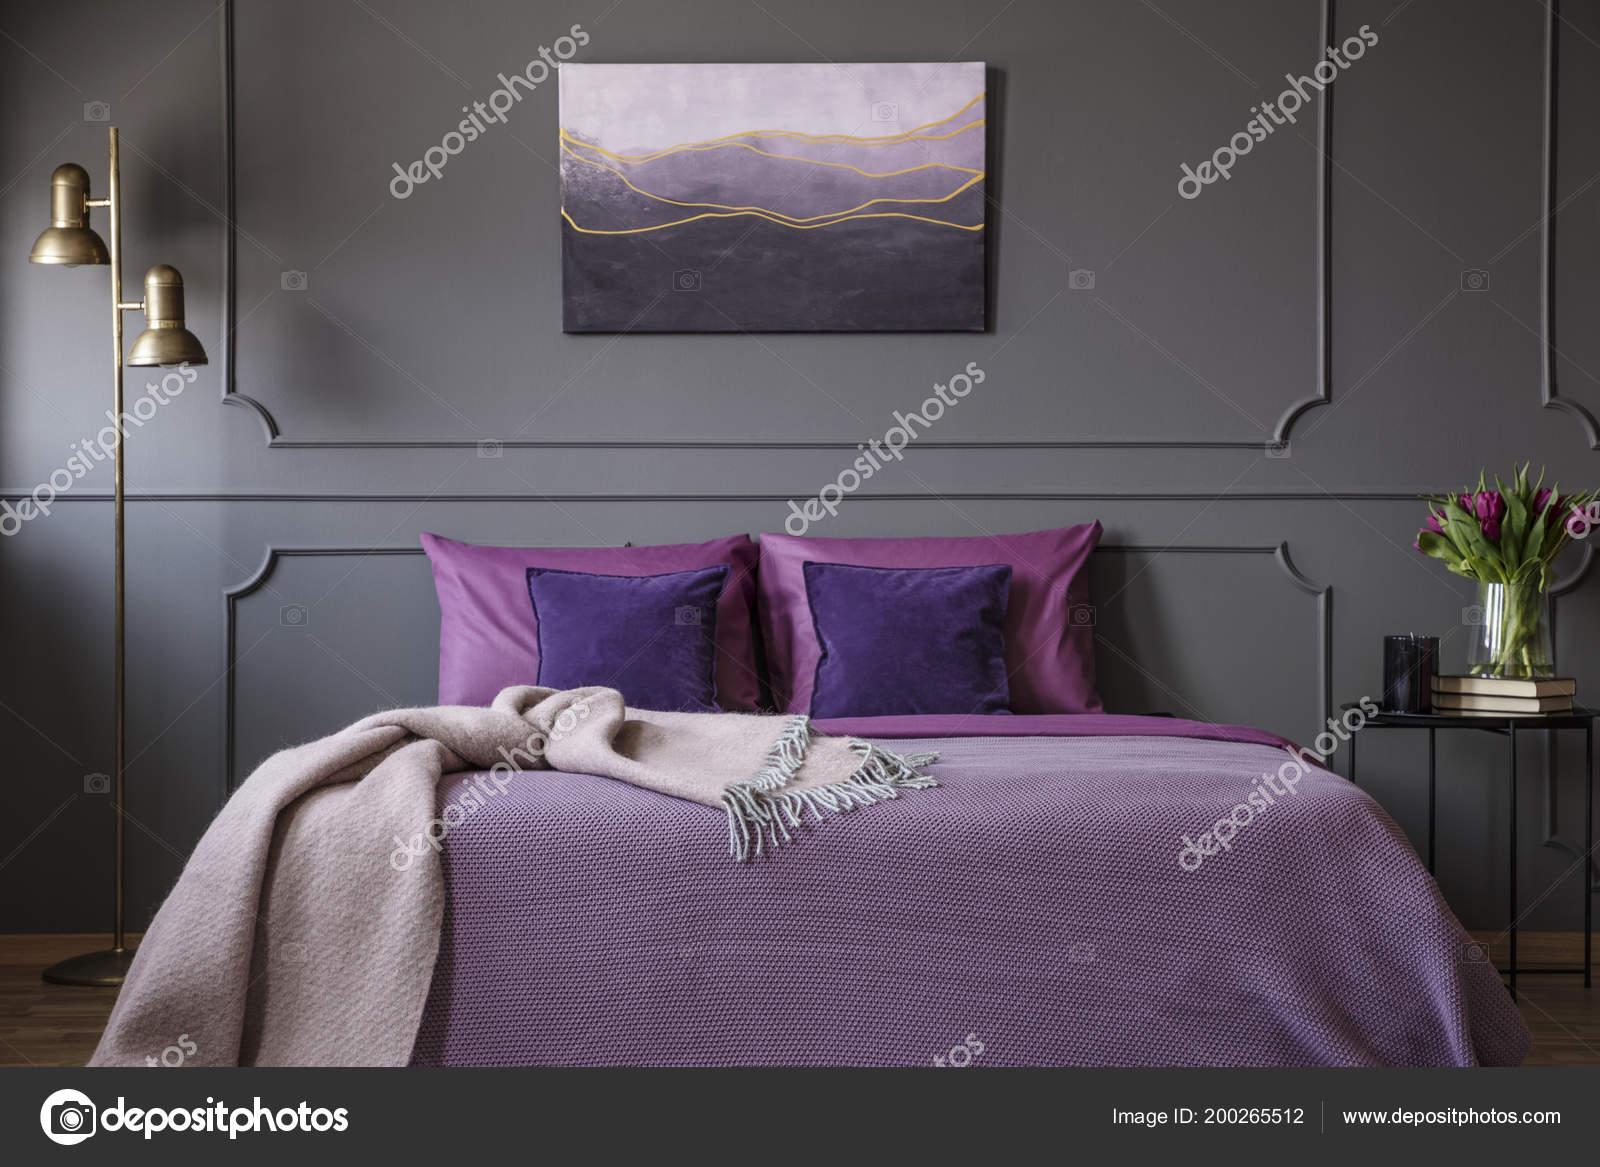 roze deken op violet bed in elegante slaapkamer interieur met schilderen op grijs muur met molding foto van photographeeeu